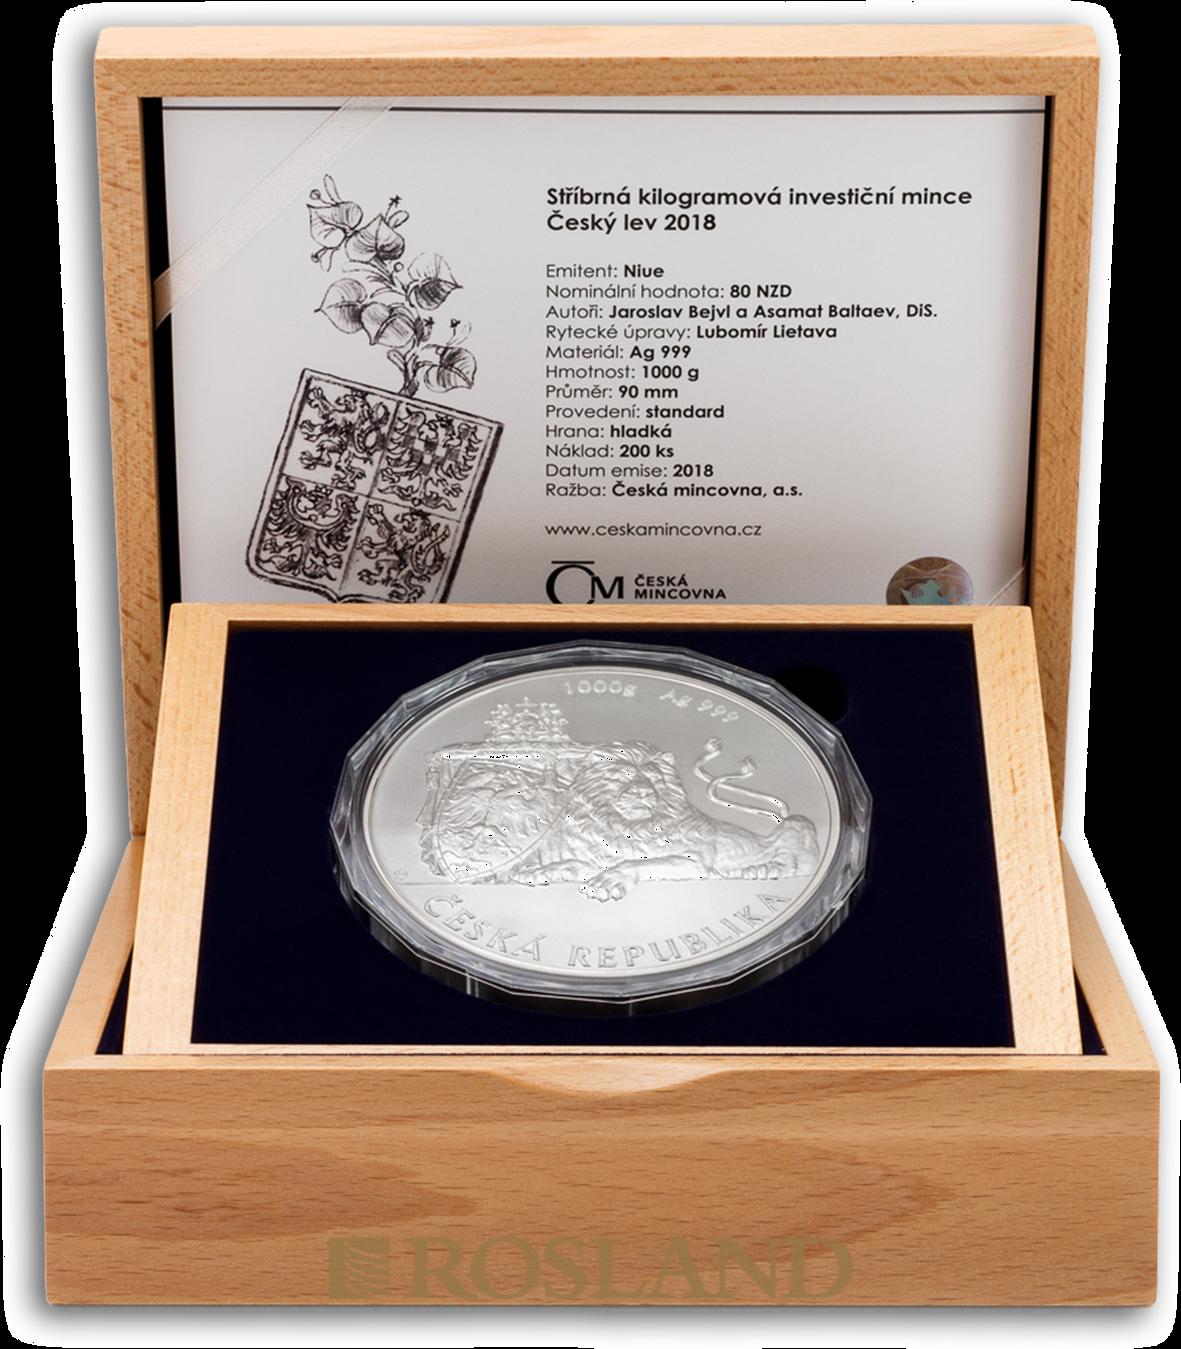 1 Kilogramm Silbermünze Tschechischer Löwe 2018